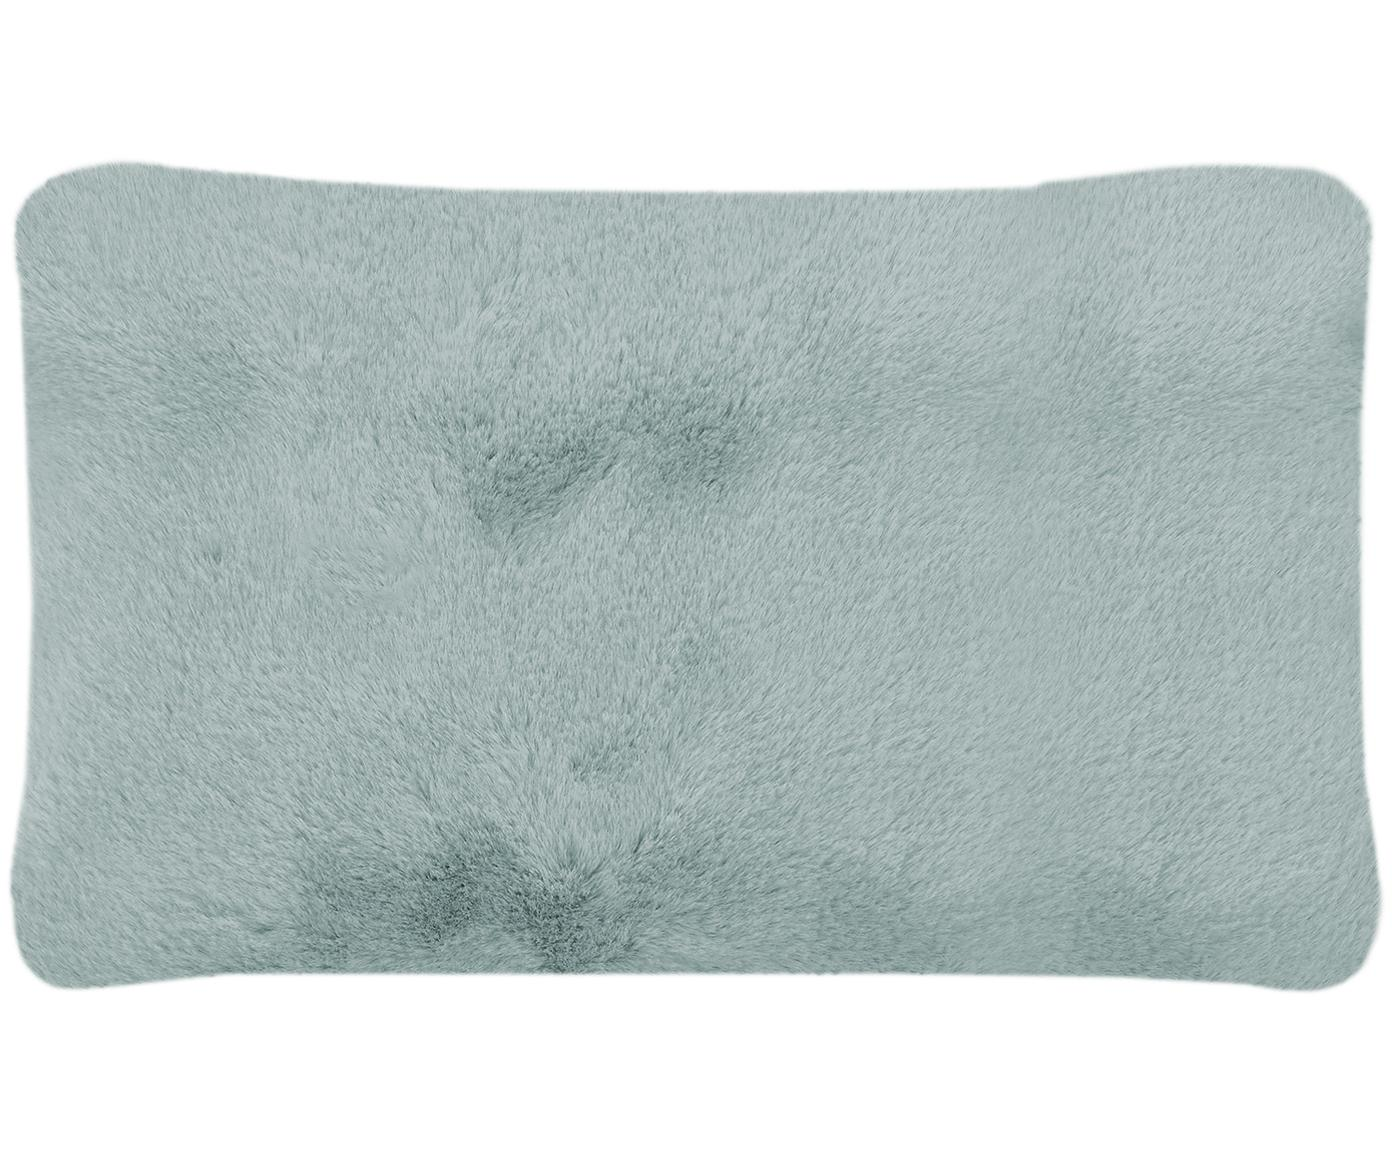 Funda de cojín de piel sintética Mette, Parte delantera: 100%poliéster, Parte trasera: 100%poliéster, Verde, An 30 x L 50 cm